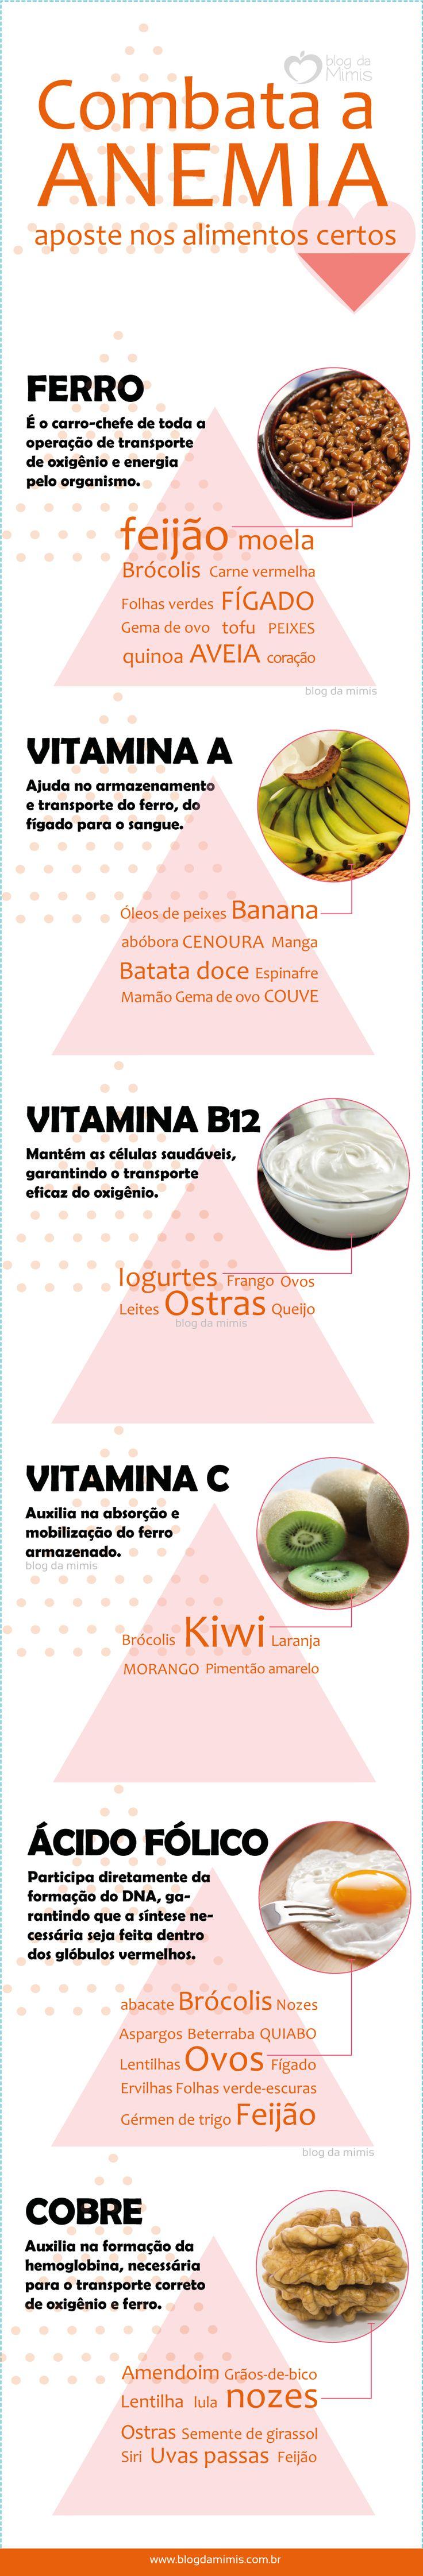 Combata a anemia apostando nos alimentos certos - Blog da Mimis #anemia #dieta #emagrecer